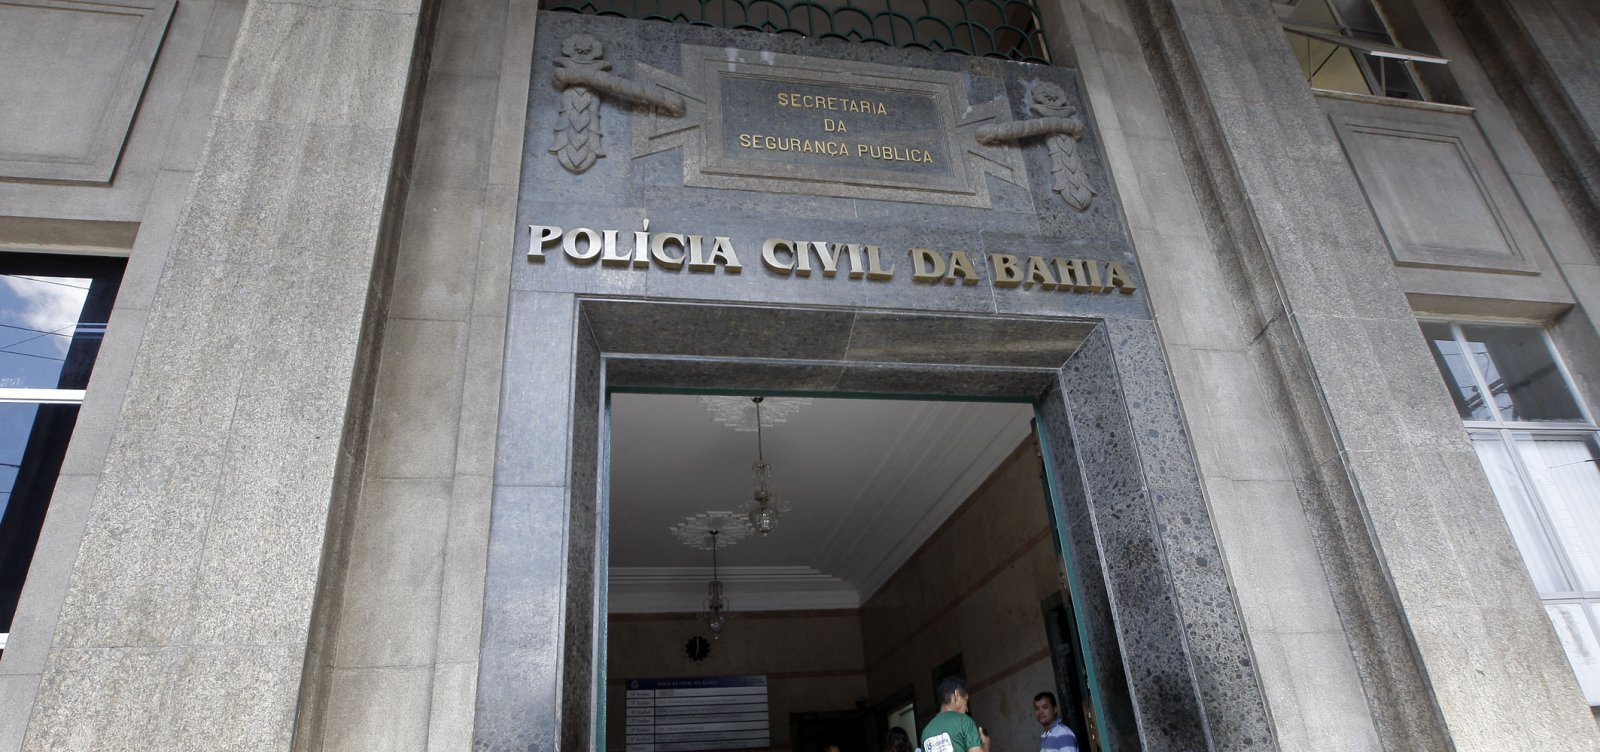 Operação prende policiais civis baianos após denúncias de tortura